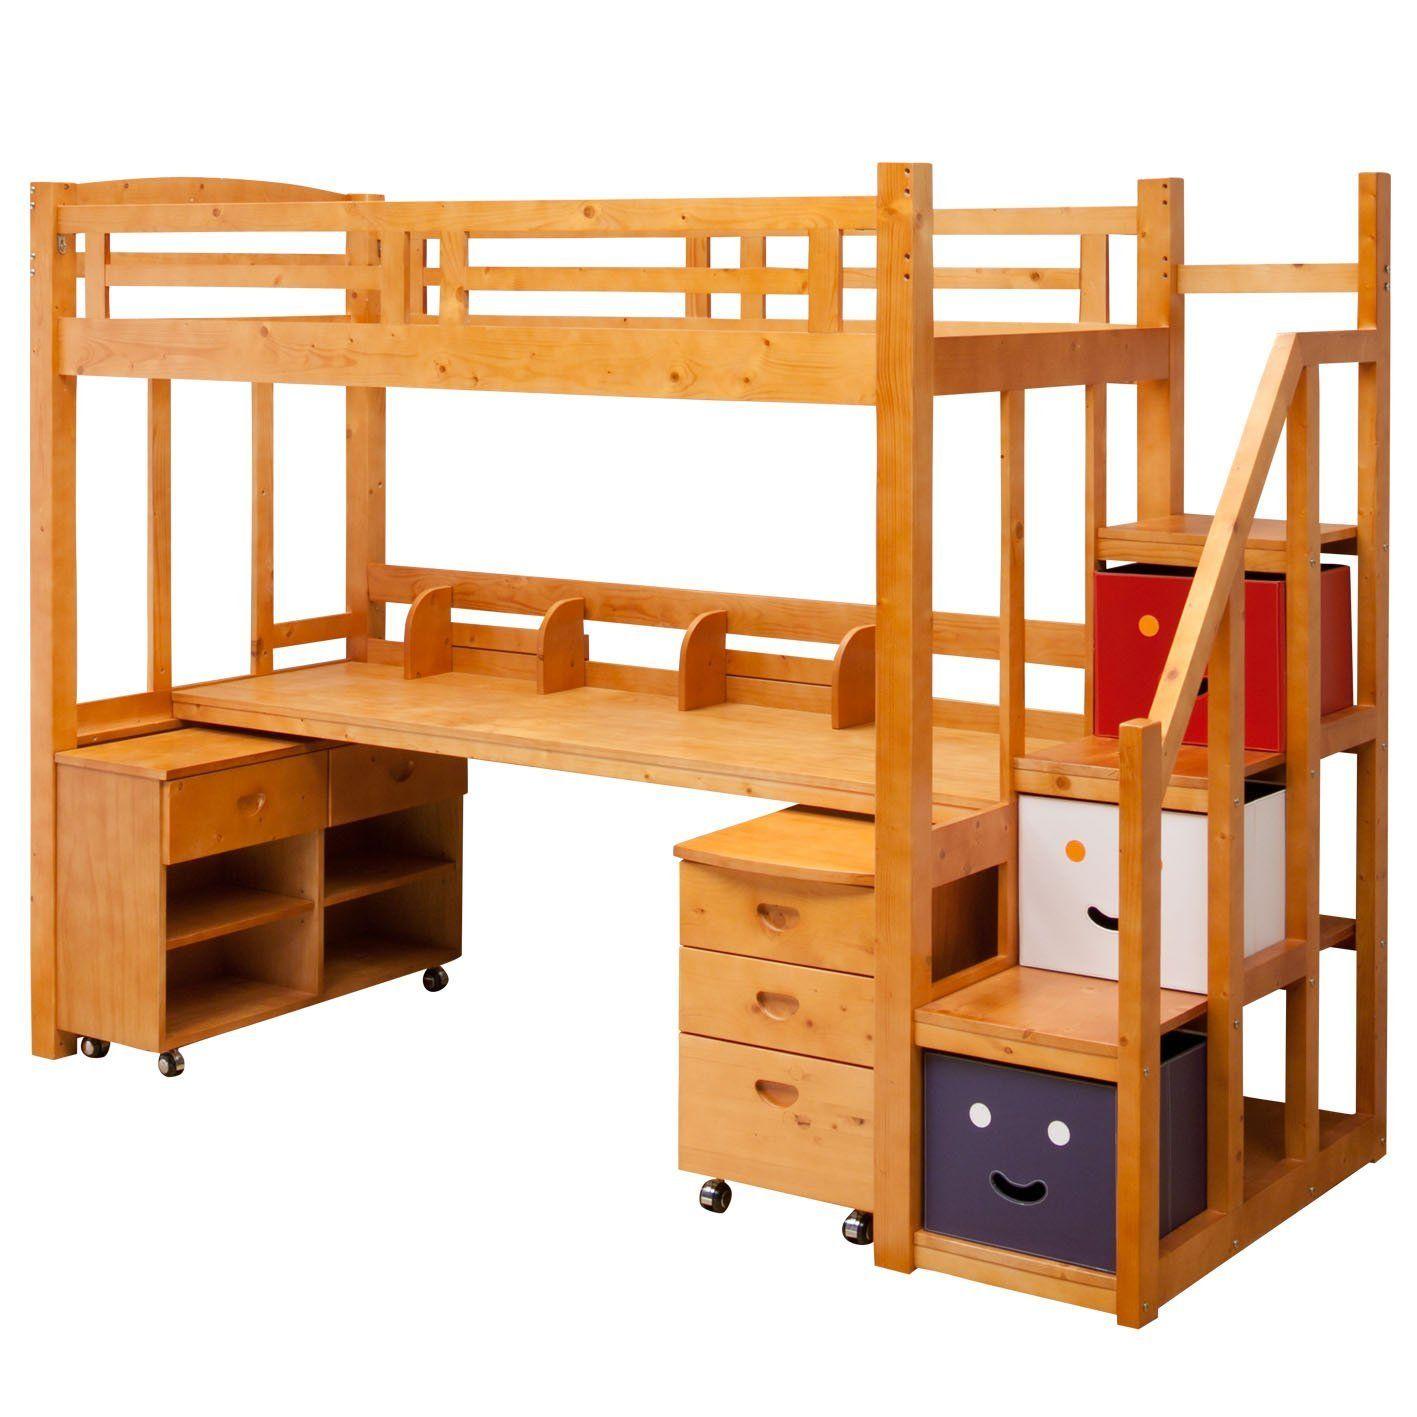 ベッドに行くのがはしごという物が多い中、こちらはしっかりした階段に